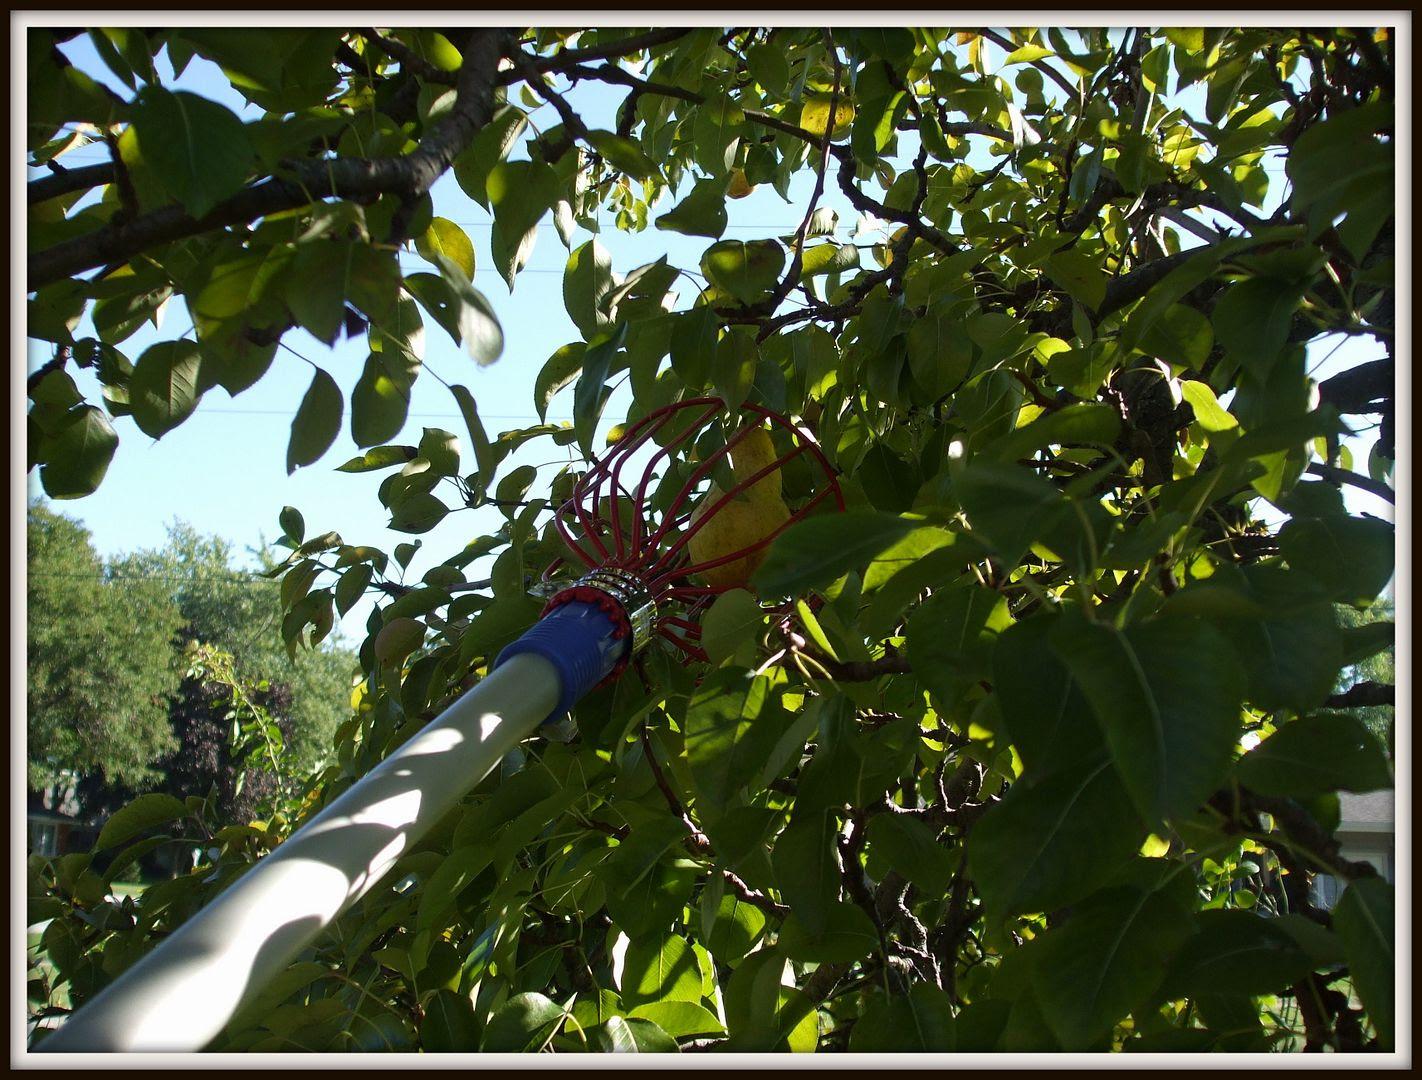 Lacrosse Fruit Picker by Angie Ouellette-Tower for godsgrowinggarden.com photo DSCF0752_zps96851705.jpg